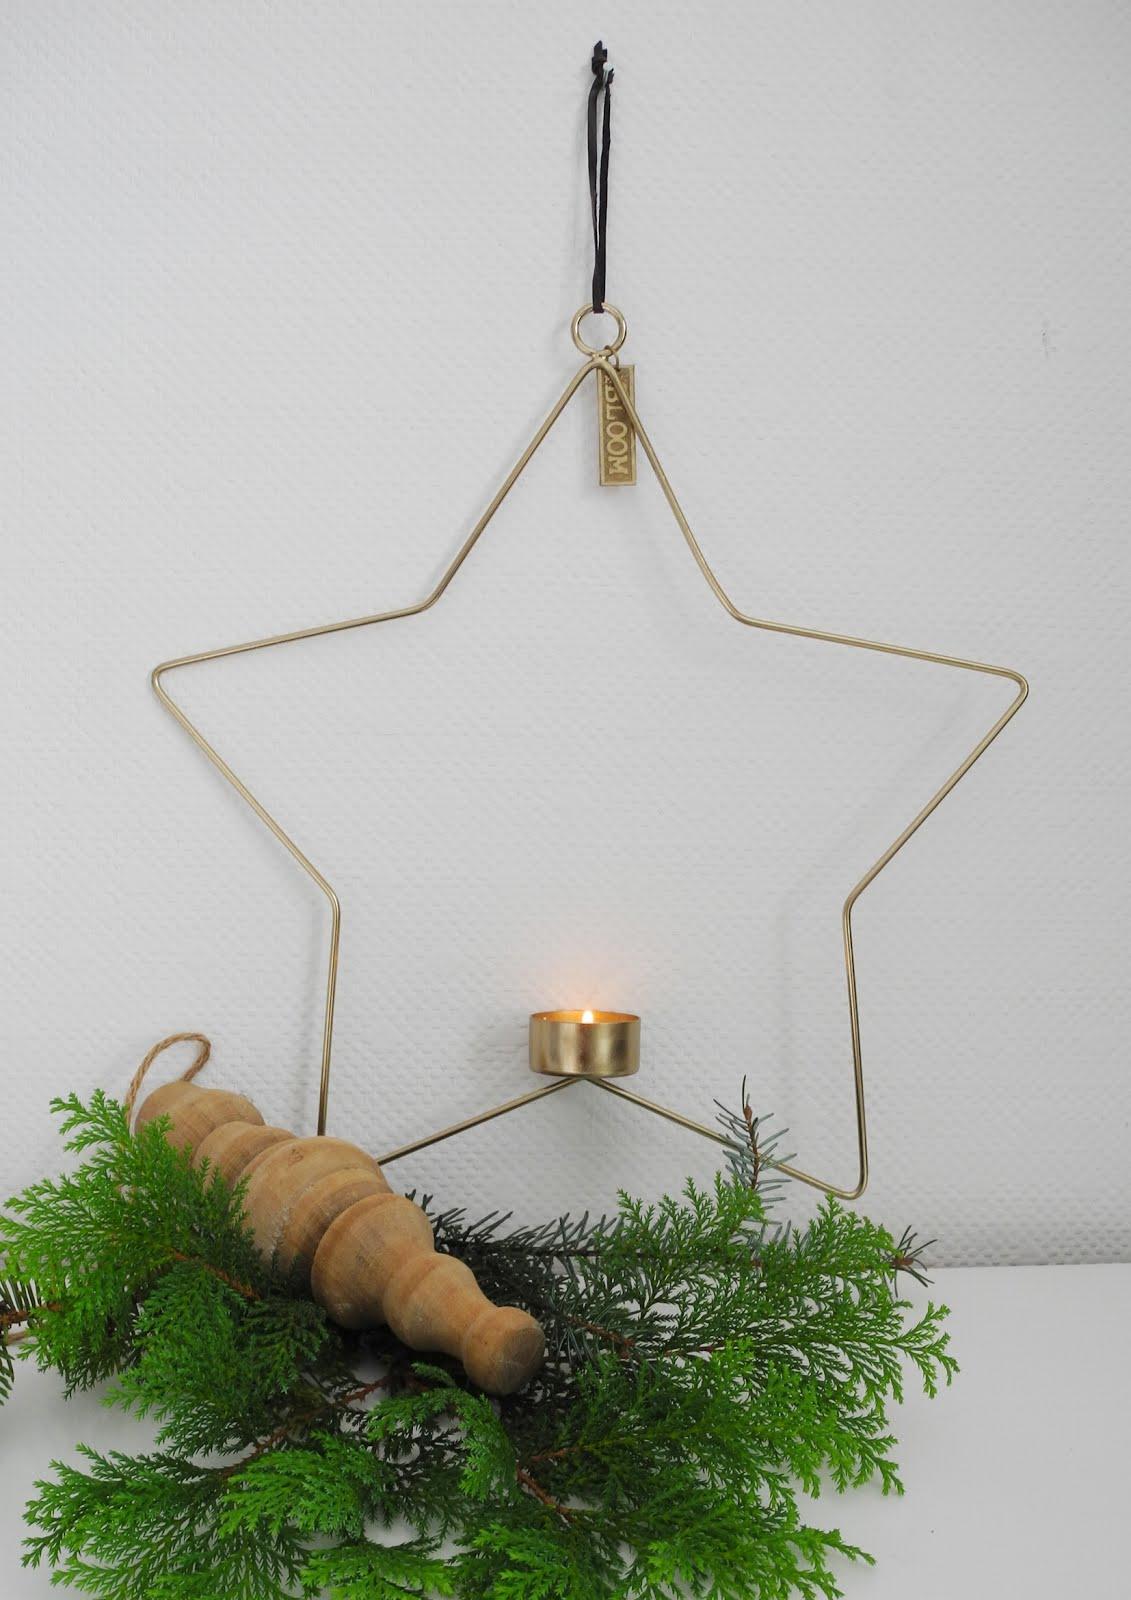 Świecznik do zawieszenia w kształcie gwiazdy GOLD